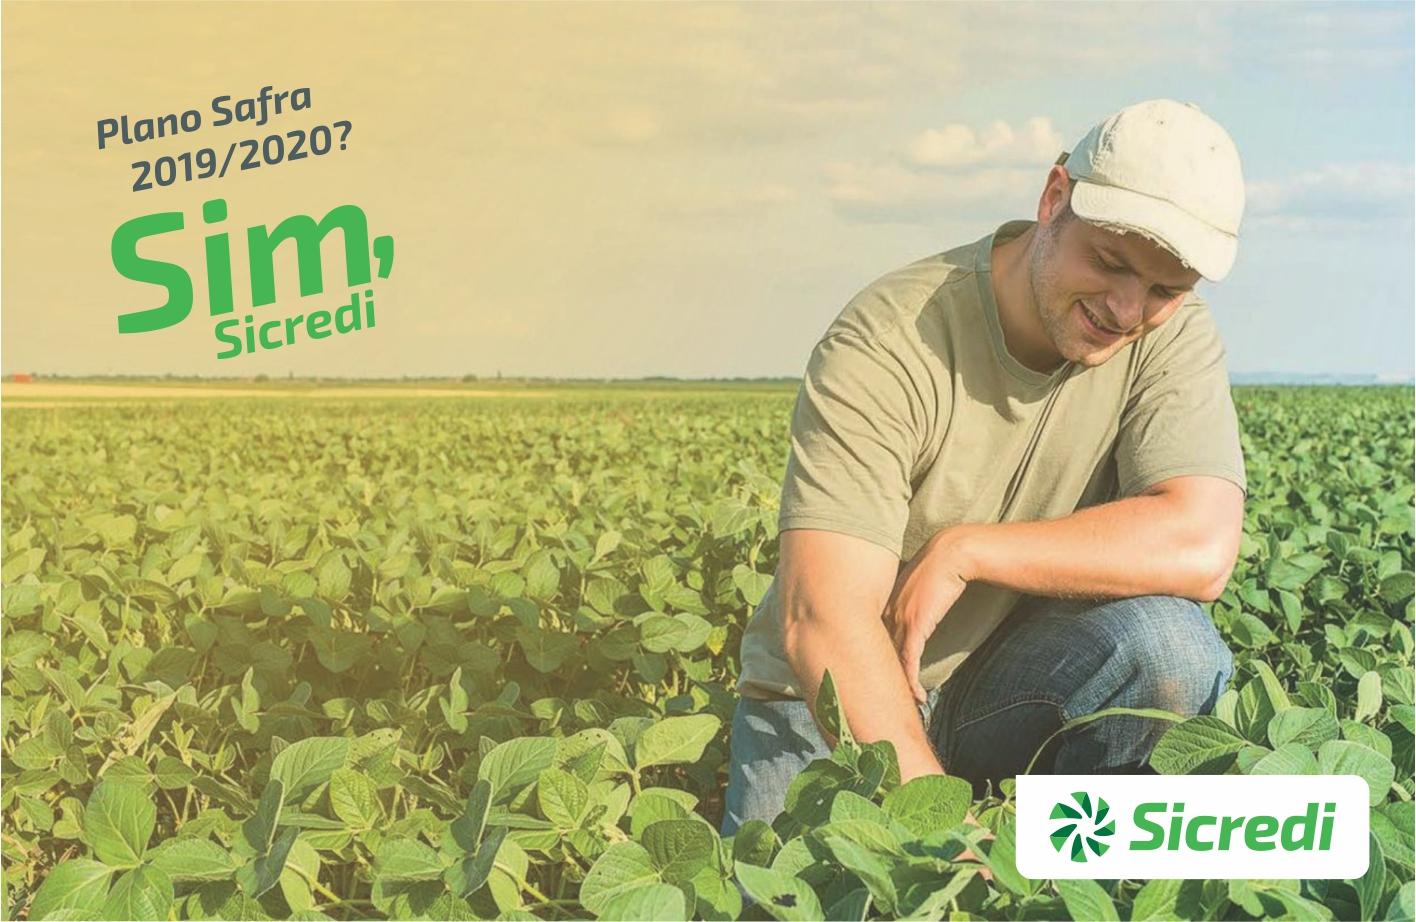 Ir para  <p><big>Seguindo seu objetivo de fomentar cada vez mais o agroneg&oacute;cio, o Sicredi vai viabilizar mais de R$ 20,1 bilh&otilde;es em cr&eacute;dito rural no Plano Safra 2019/2020, projetando atingir mais de 220 mil...